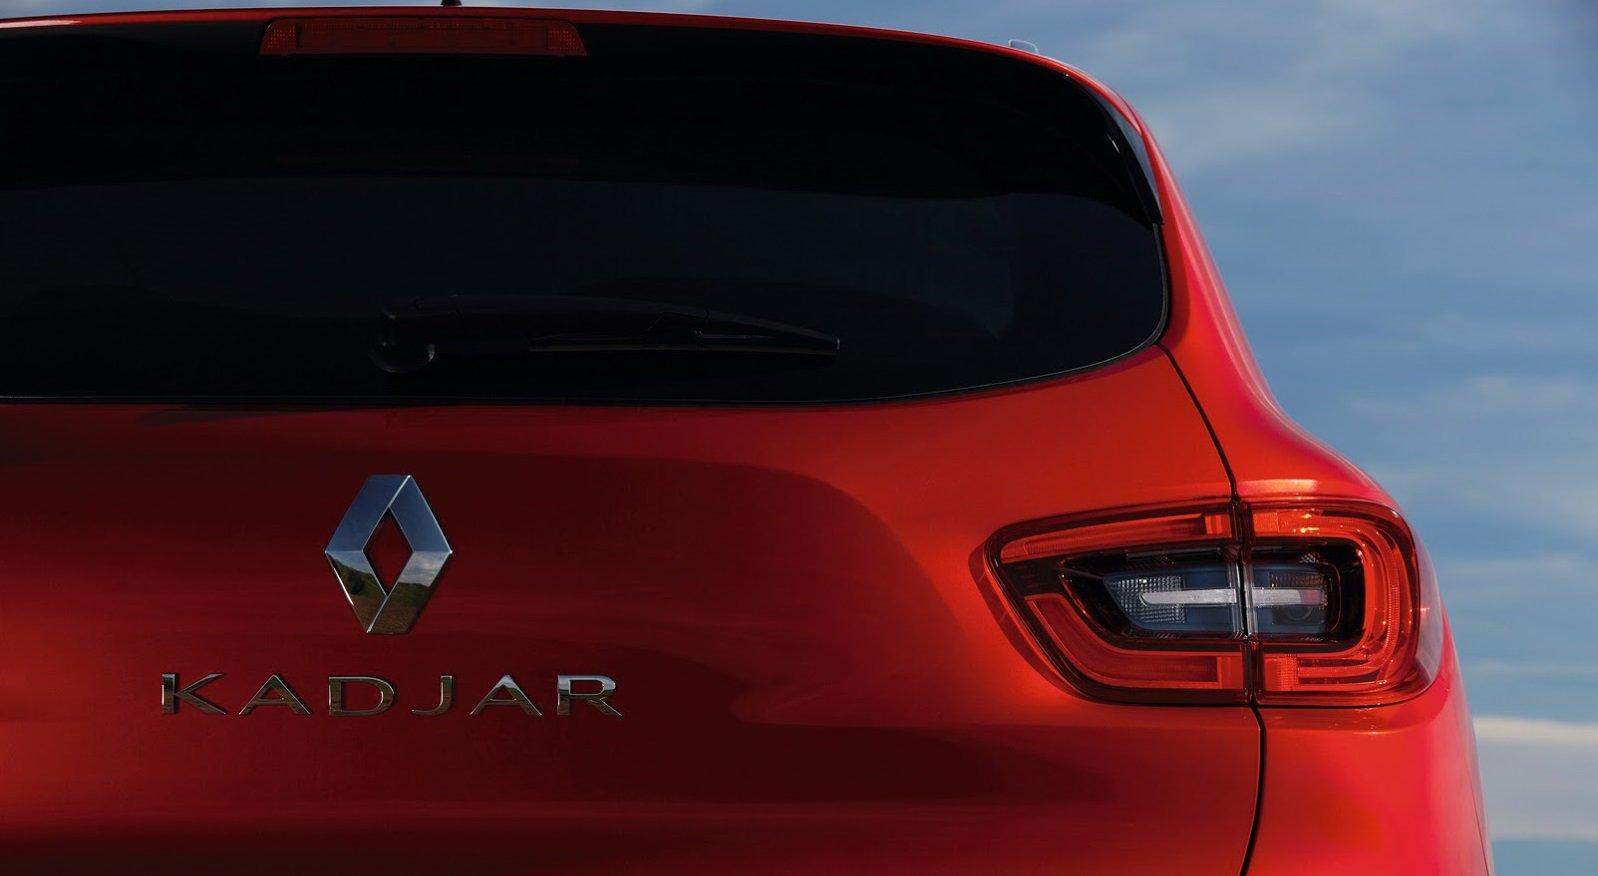 2015 Renault Kadjar, новый компактный кроссовер от французов